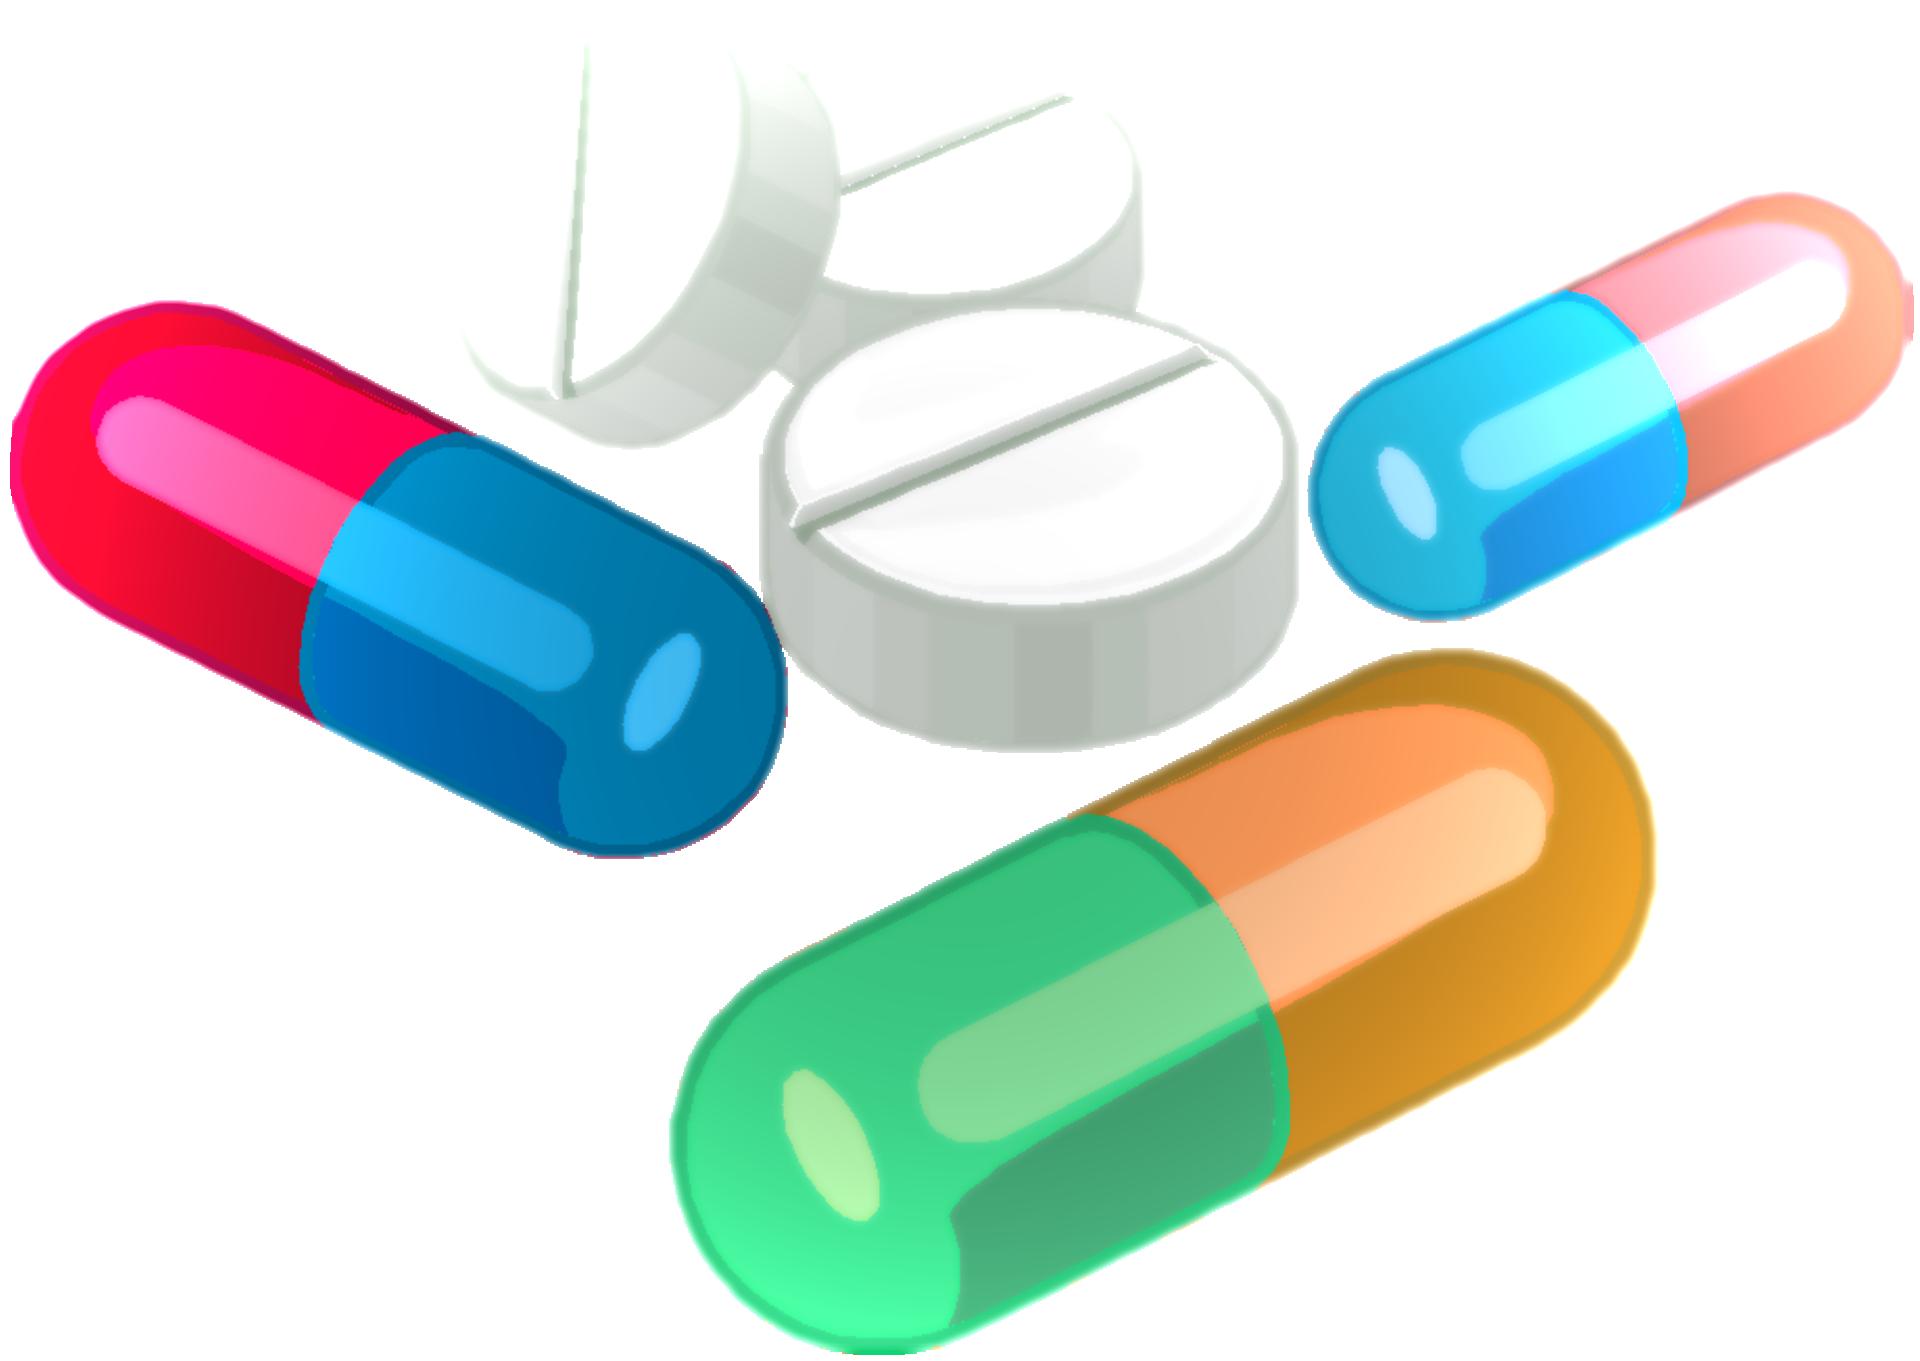 Index of farma bilder. Medication clipart pink pill